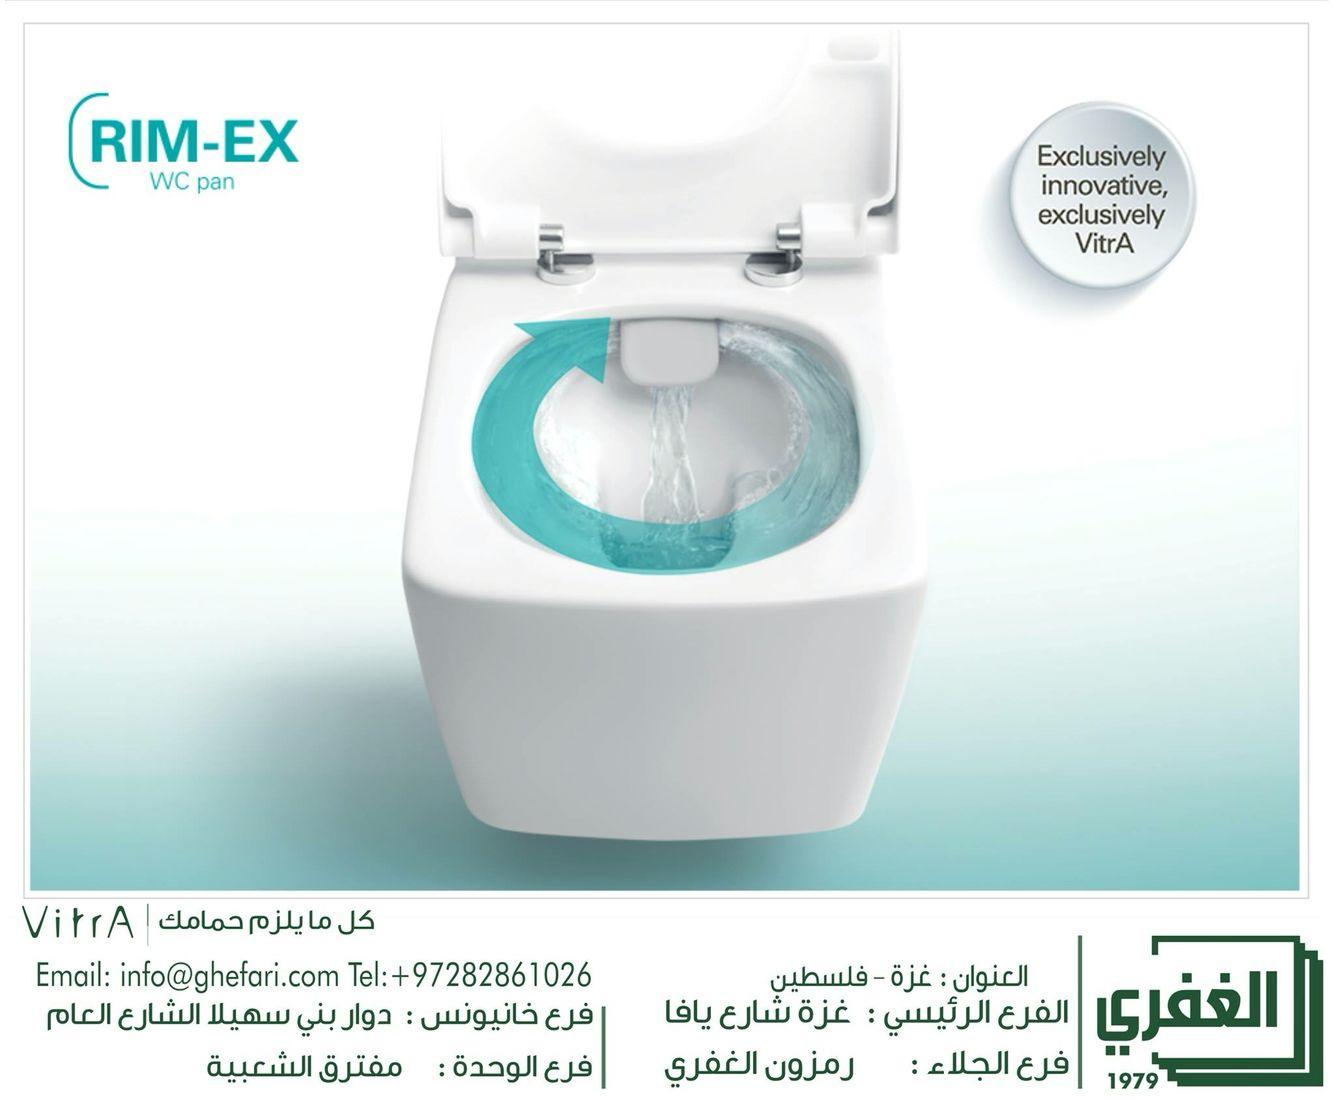 من شركة Vitra كرسي حمام معلق يمنع انتشار الجراثيم سهولة في التنظيف بفضل التصميم المبتكر انسيابية في توز Vitra Design Interior Architecture